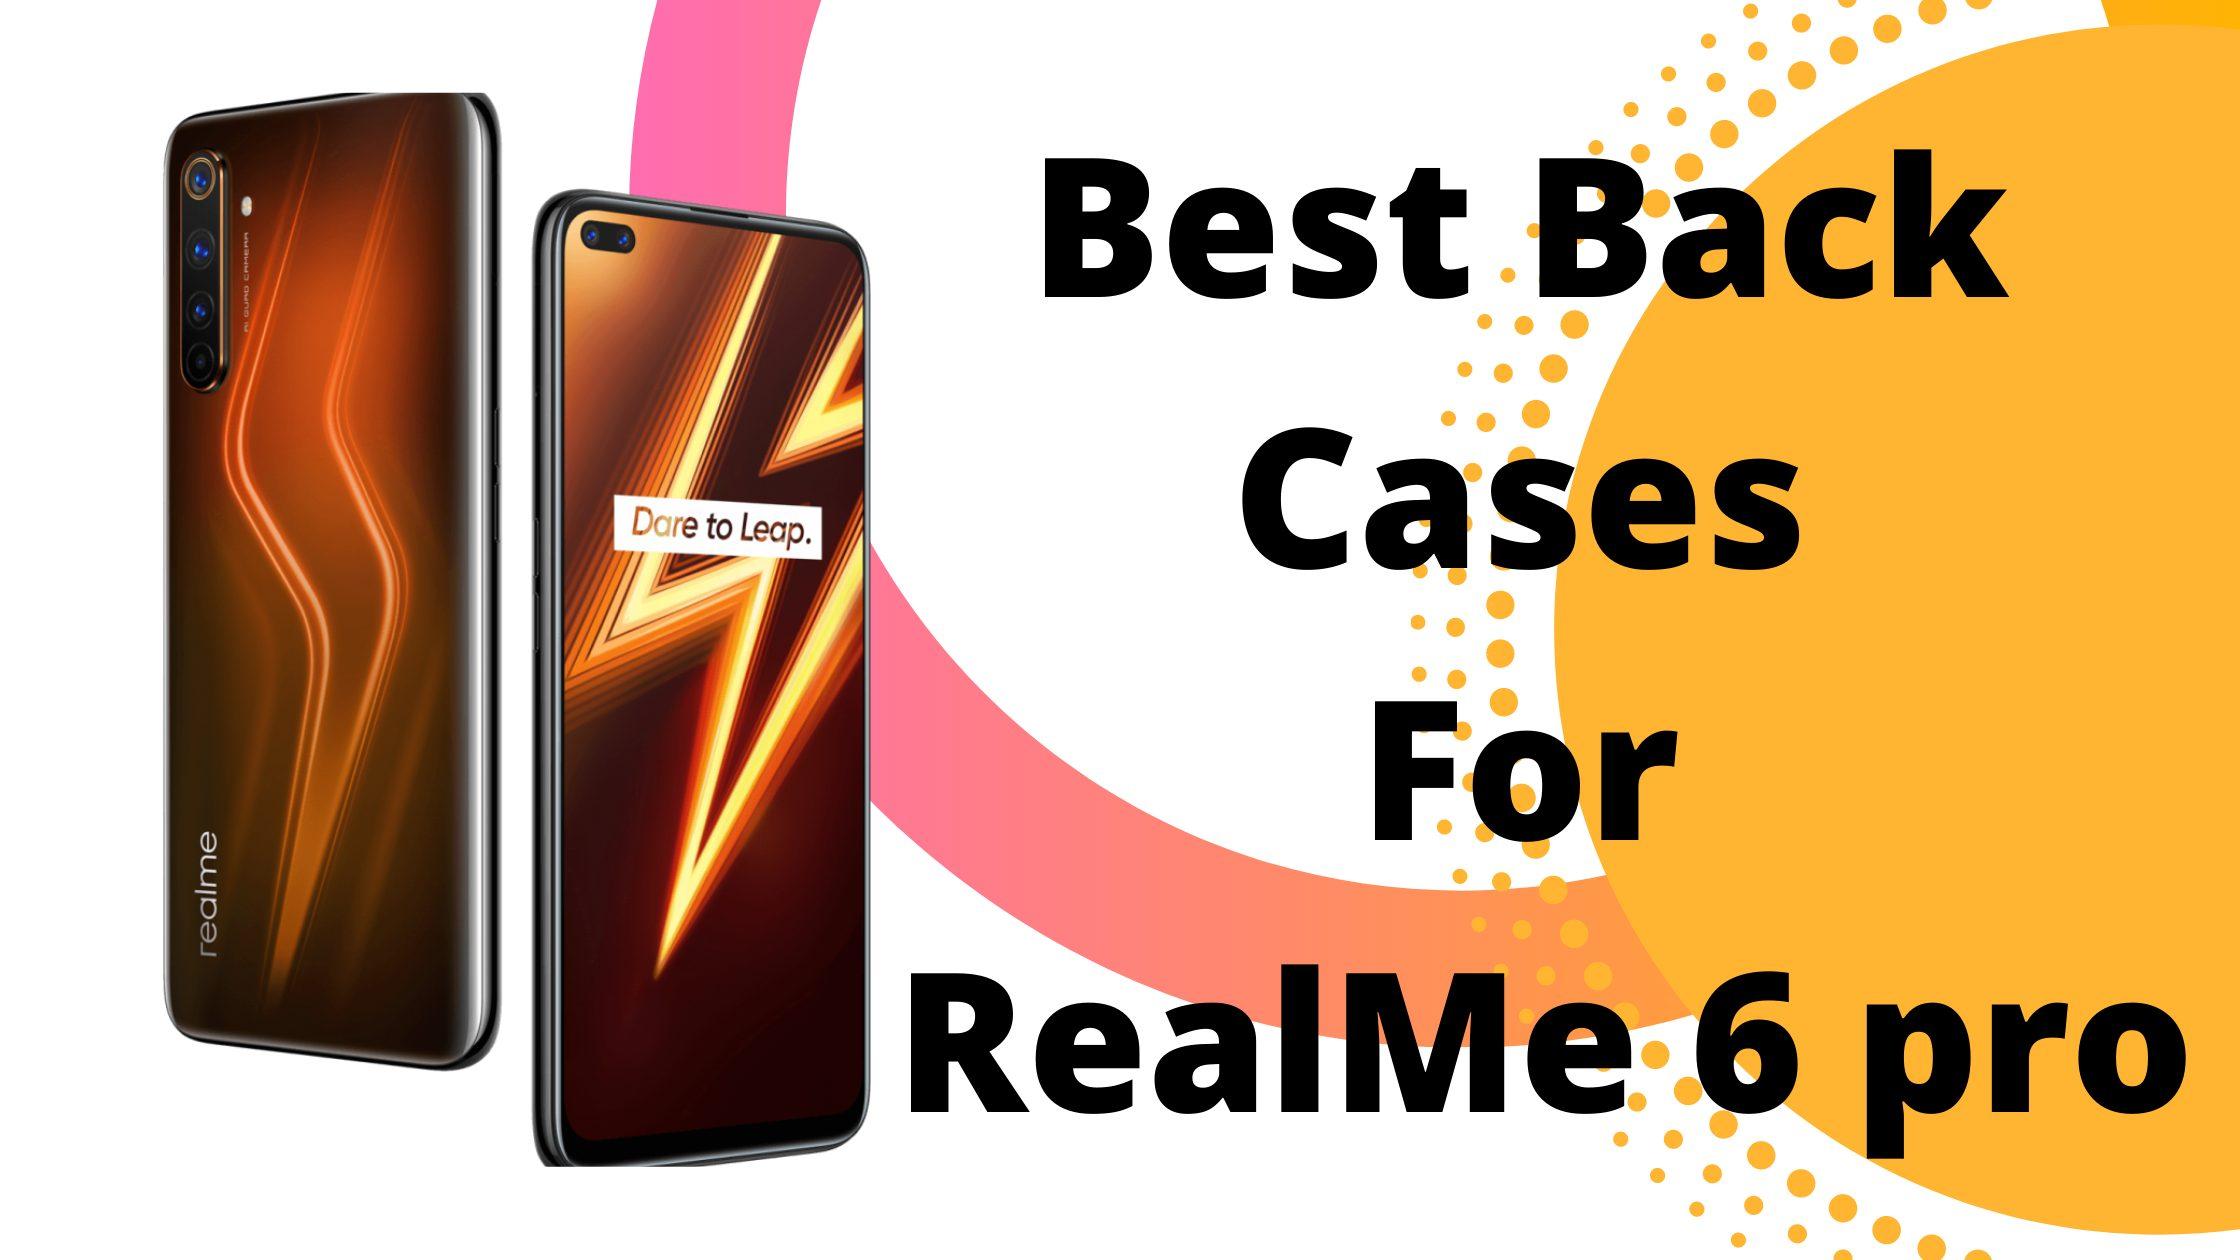 Realme 6 Pro Back Cases